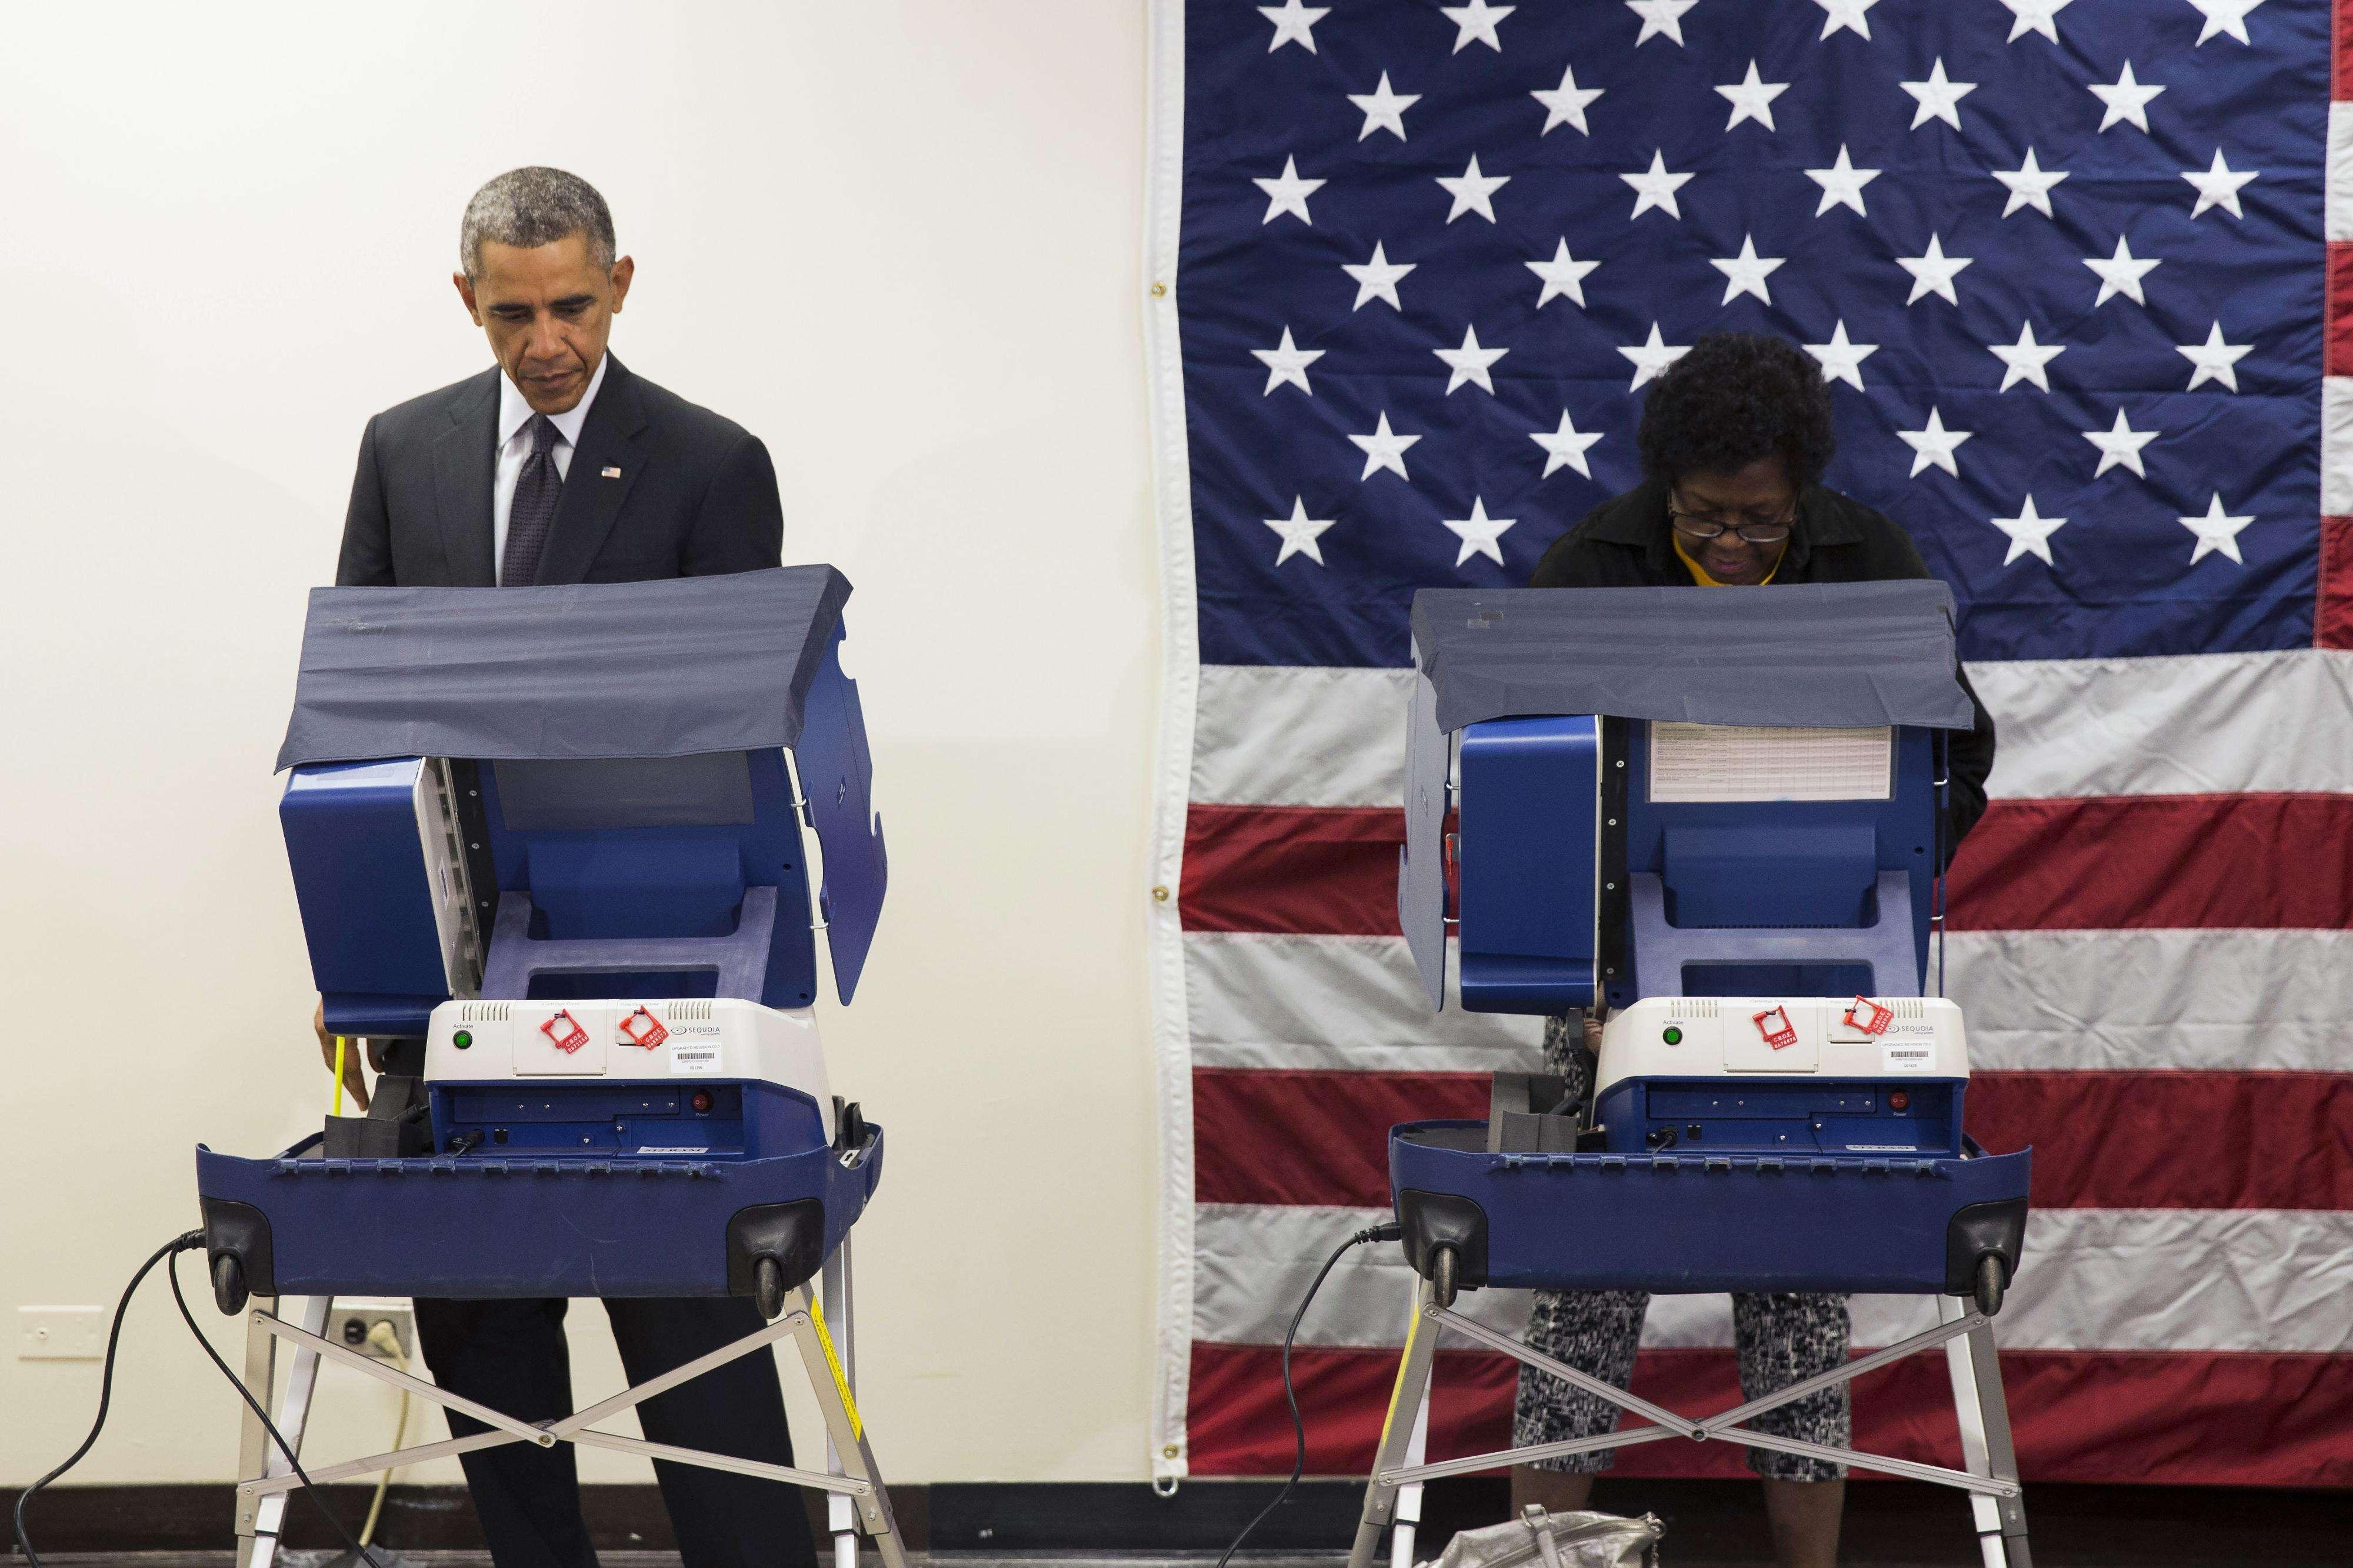 Barack Obama, izquierda, vota anticipadamente en las elecciones al Congreso de 2014 en el Centro Comunitario Dr. Martin Luther King, lunes 20 de octubre de 2014. Foto: AP en español